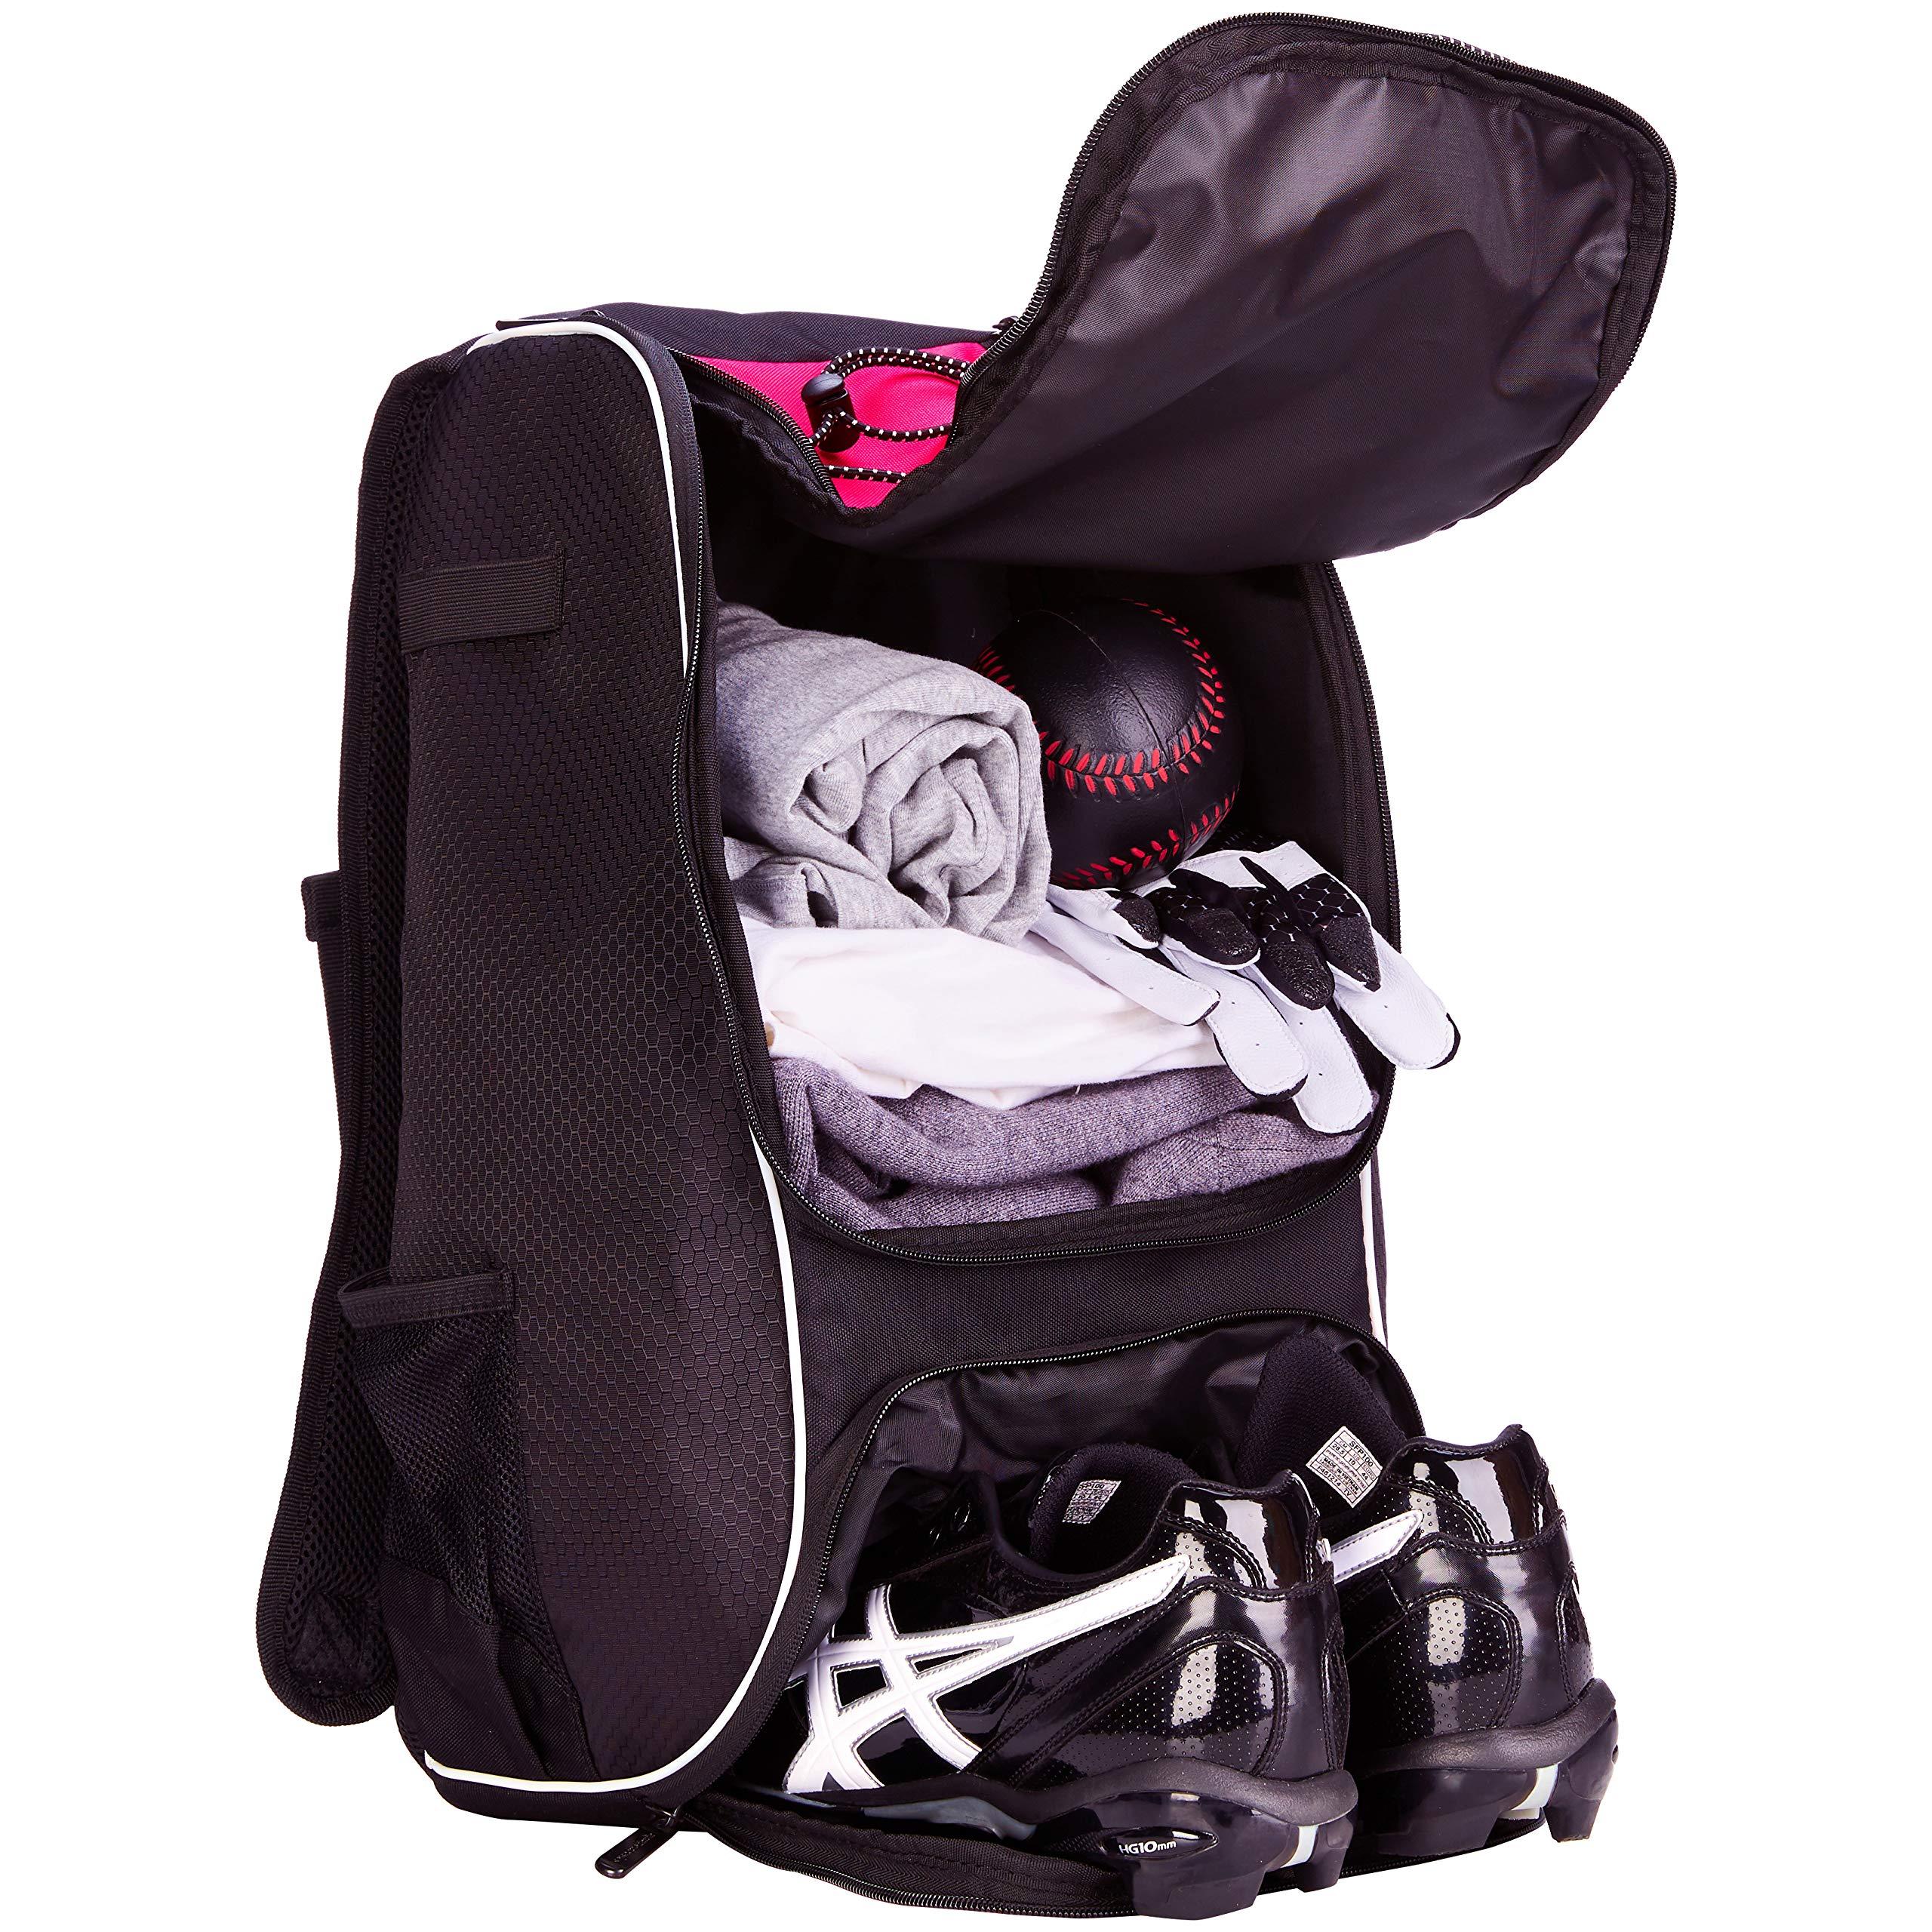 AmazonBasics Youth Baseball Equipment Backpack, Pink by AmazonBasics (Image #4)